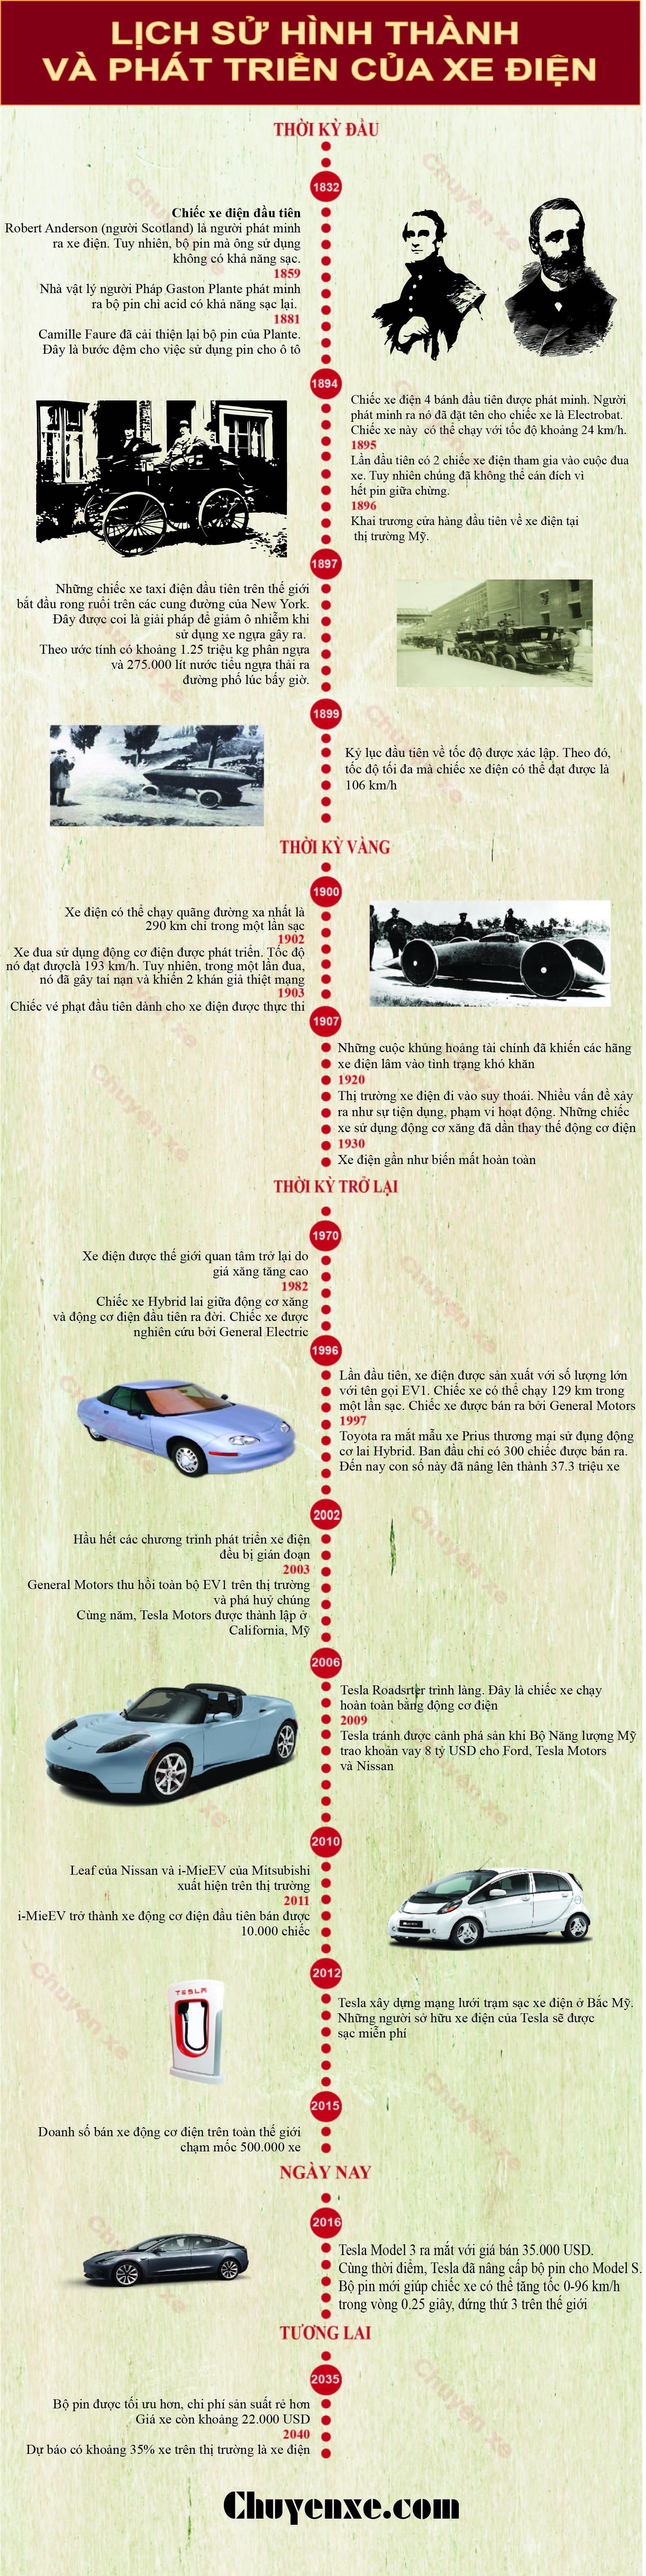 [Infographic] Lịch sử ra đời của xe điện